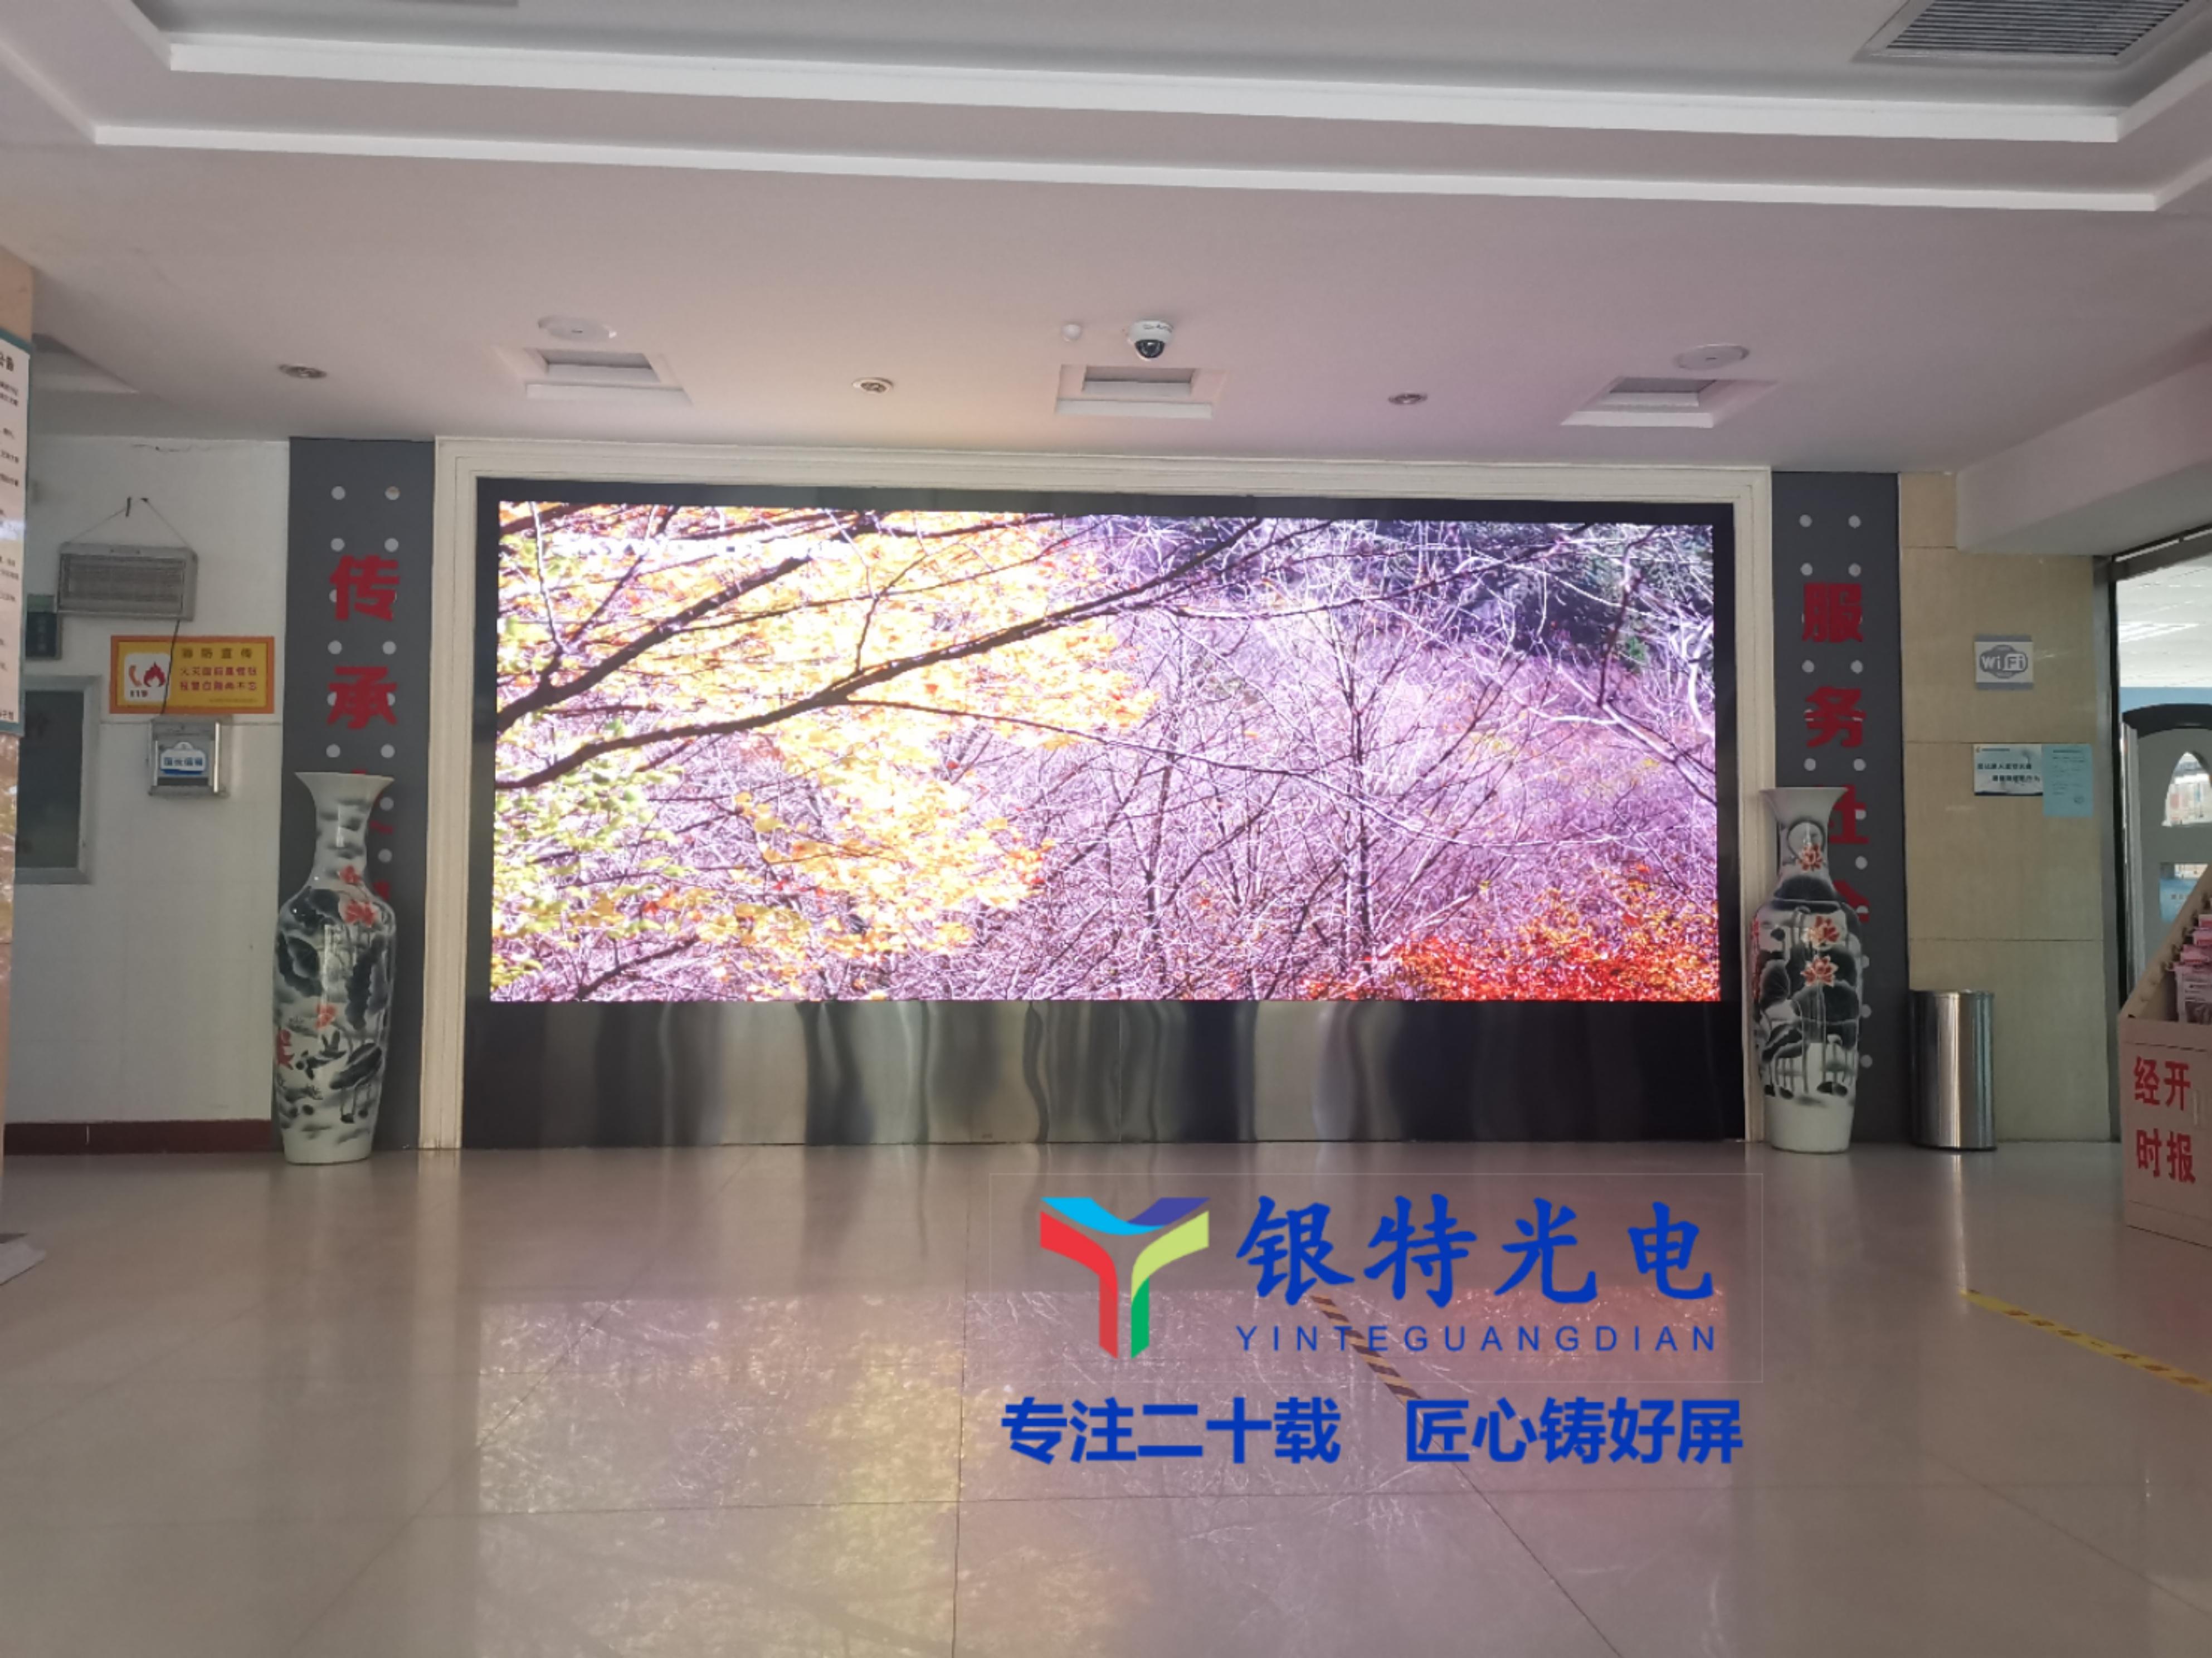 郑州经开区图书馆高清LED全彩显示屏